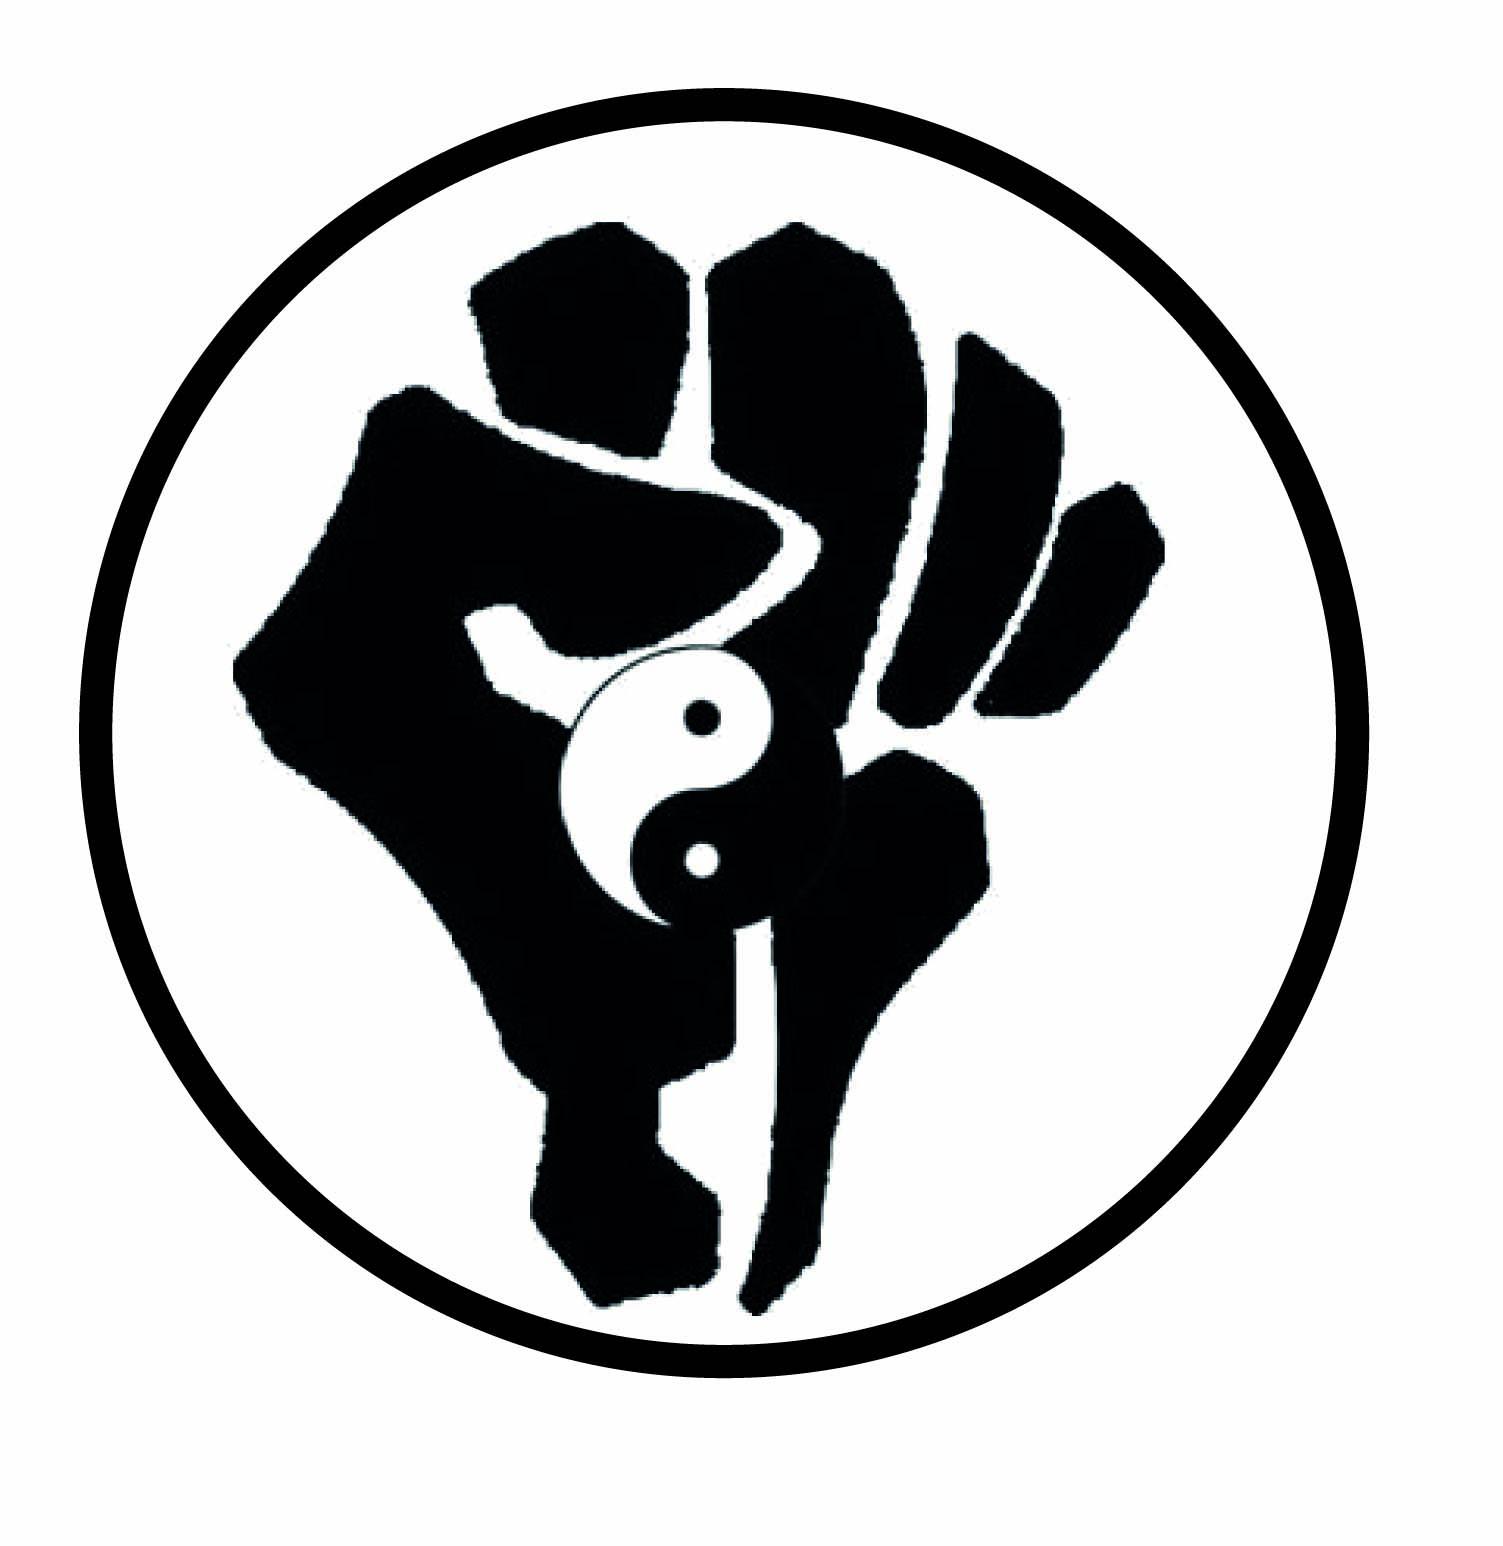 Martial arts symbols